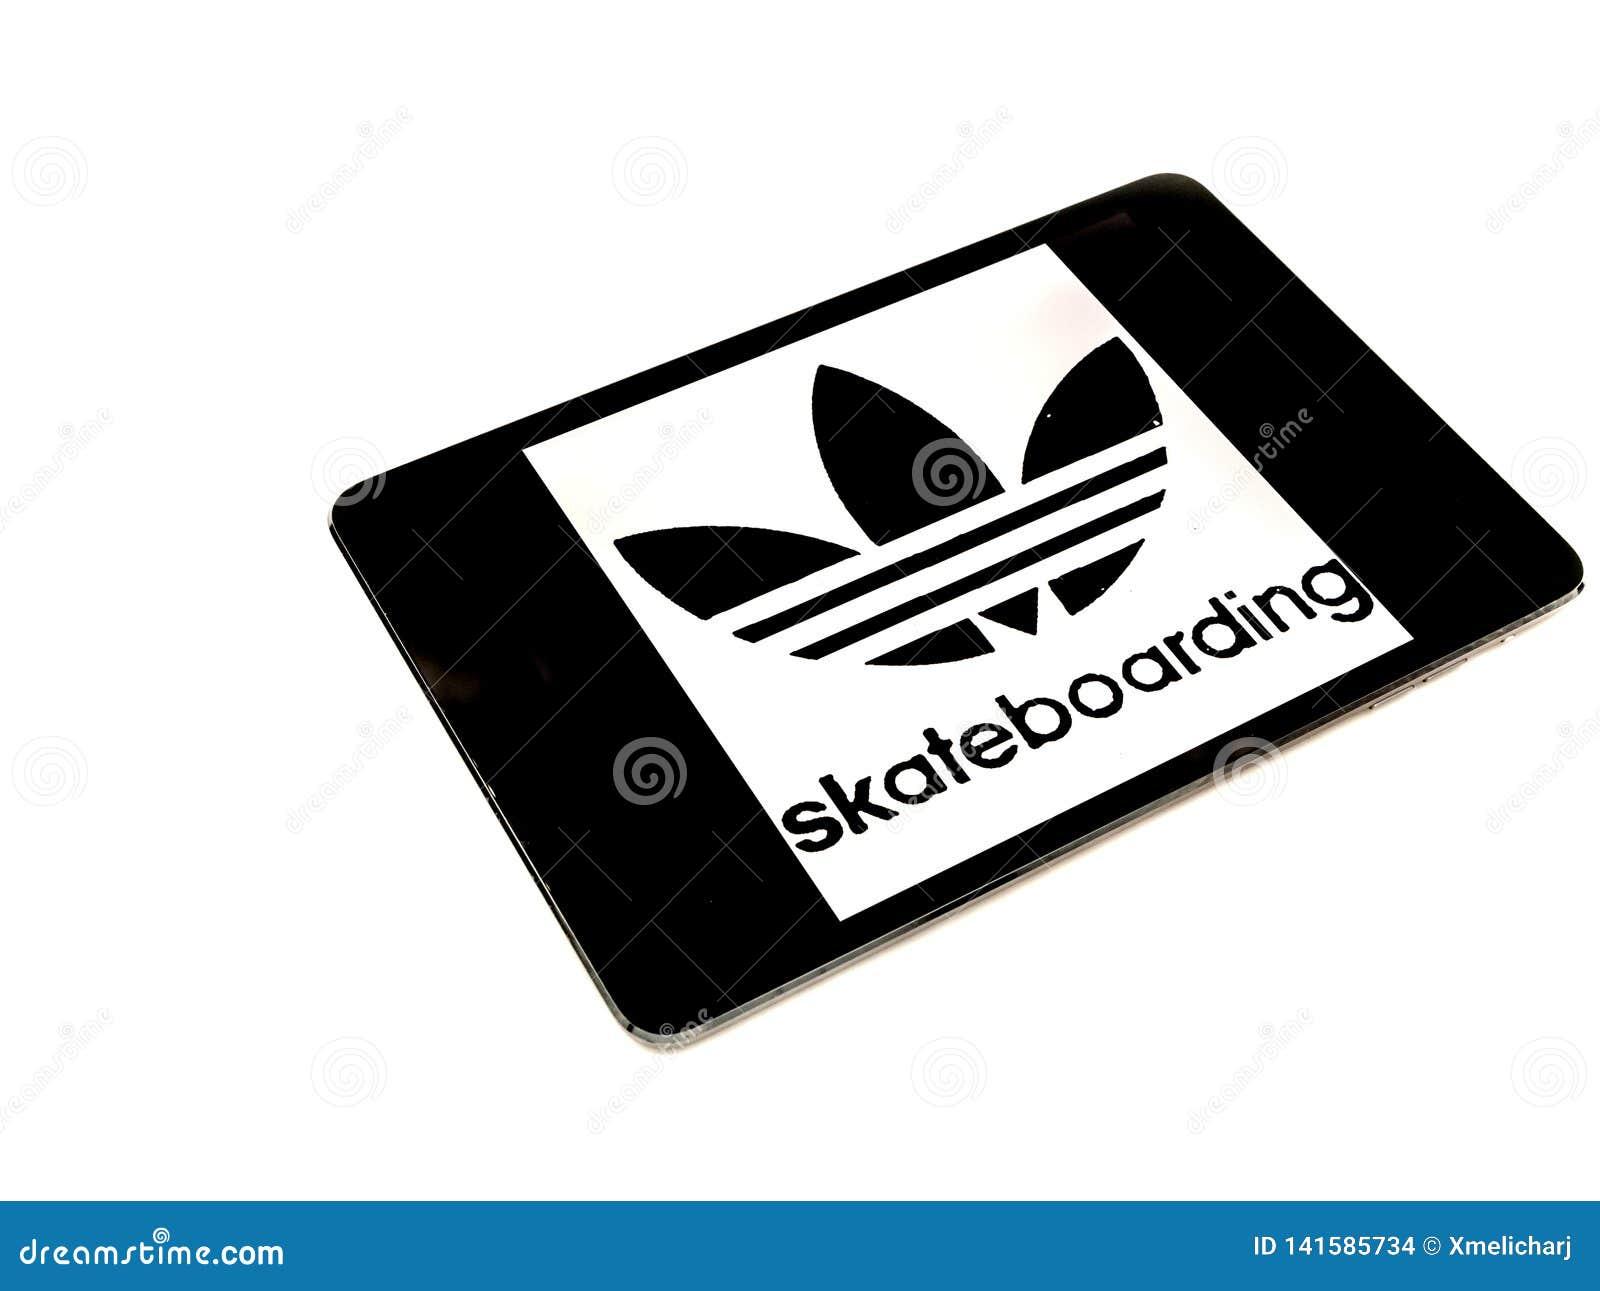 low priced 94aff 1f669 Logotipo que anda en monopatín de Adidas en la pantalla del ipad